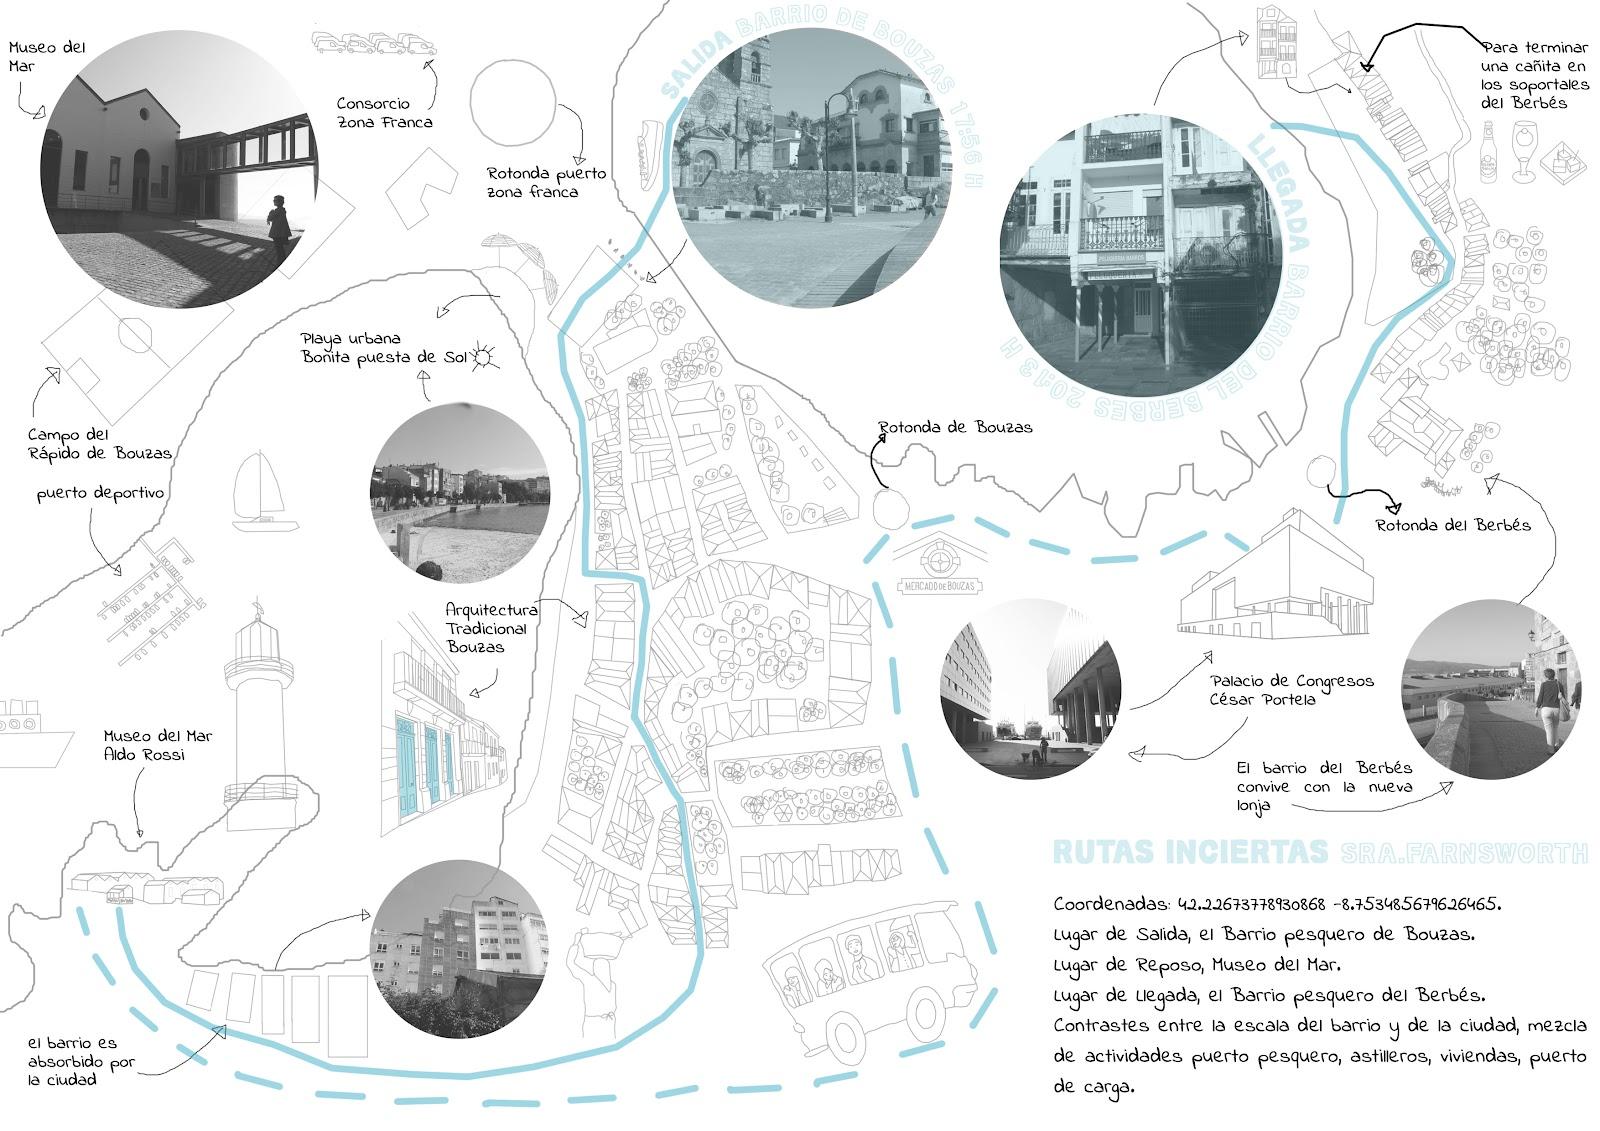 T pones la ciudad nosotros las coordenadas sra - Estudios de arquitectura vigo ...